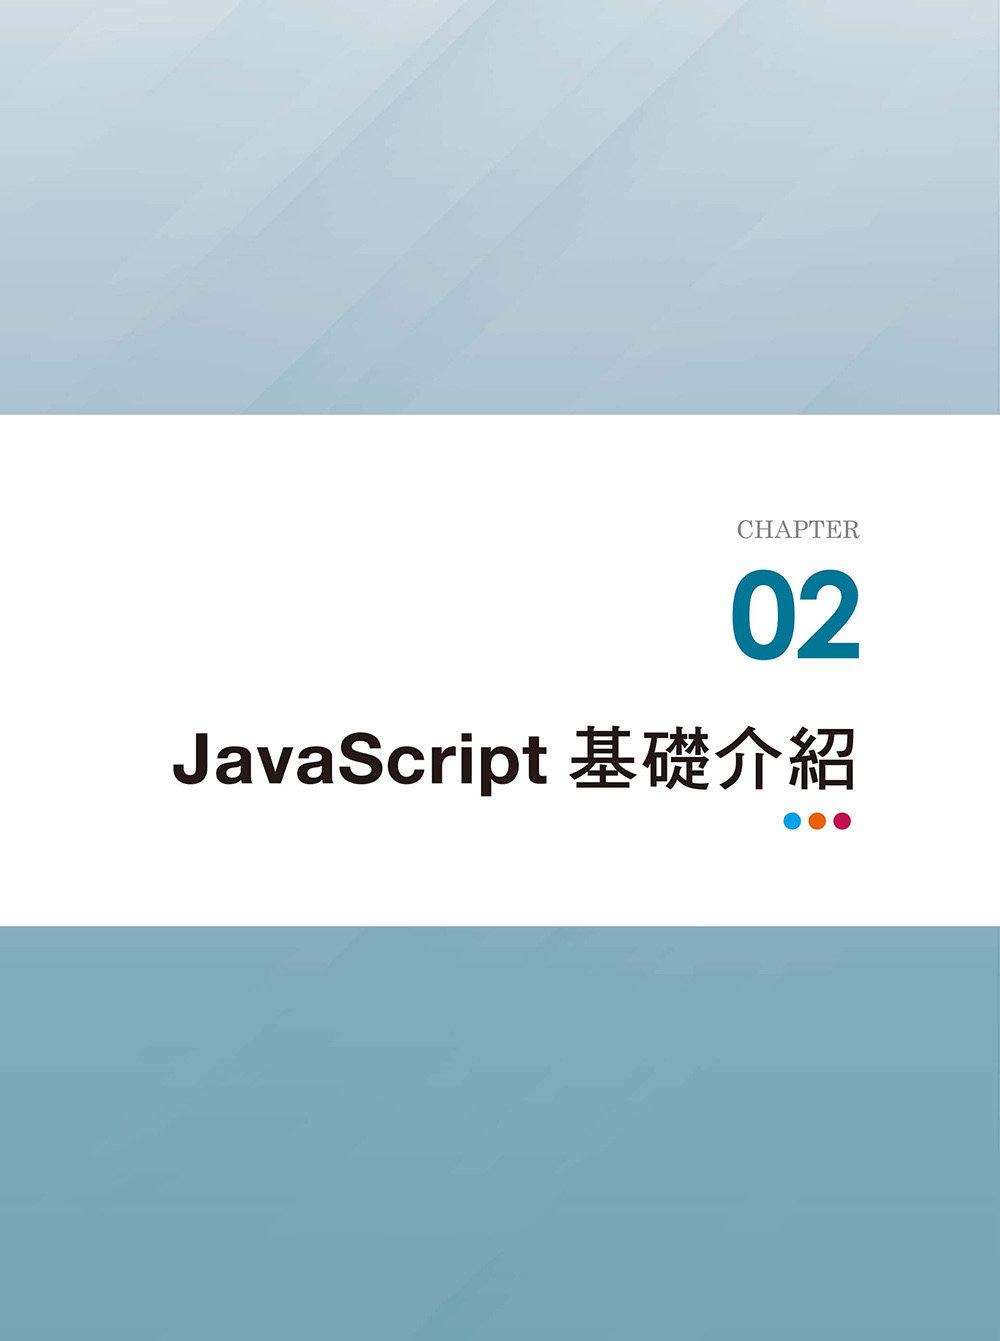 JavaScript 概念三明治:基礎觀念、語法原理一次帶走!-preview-2